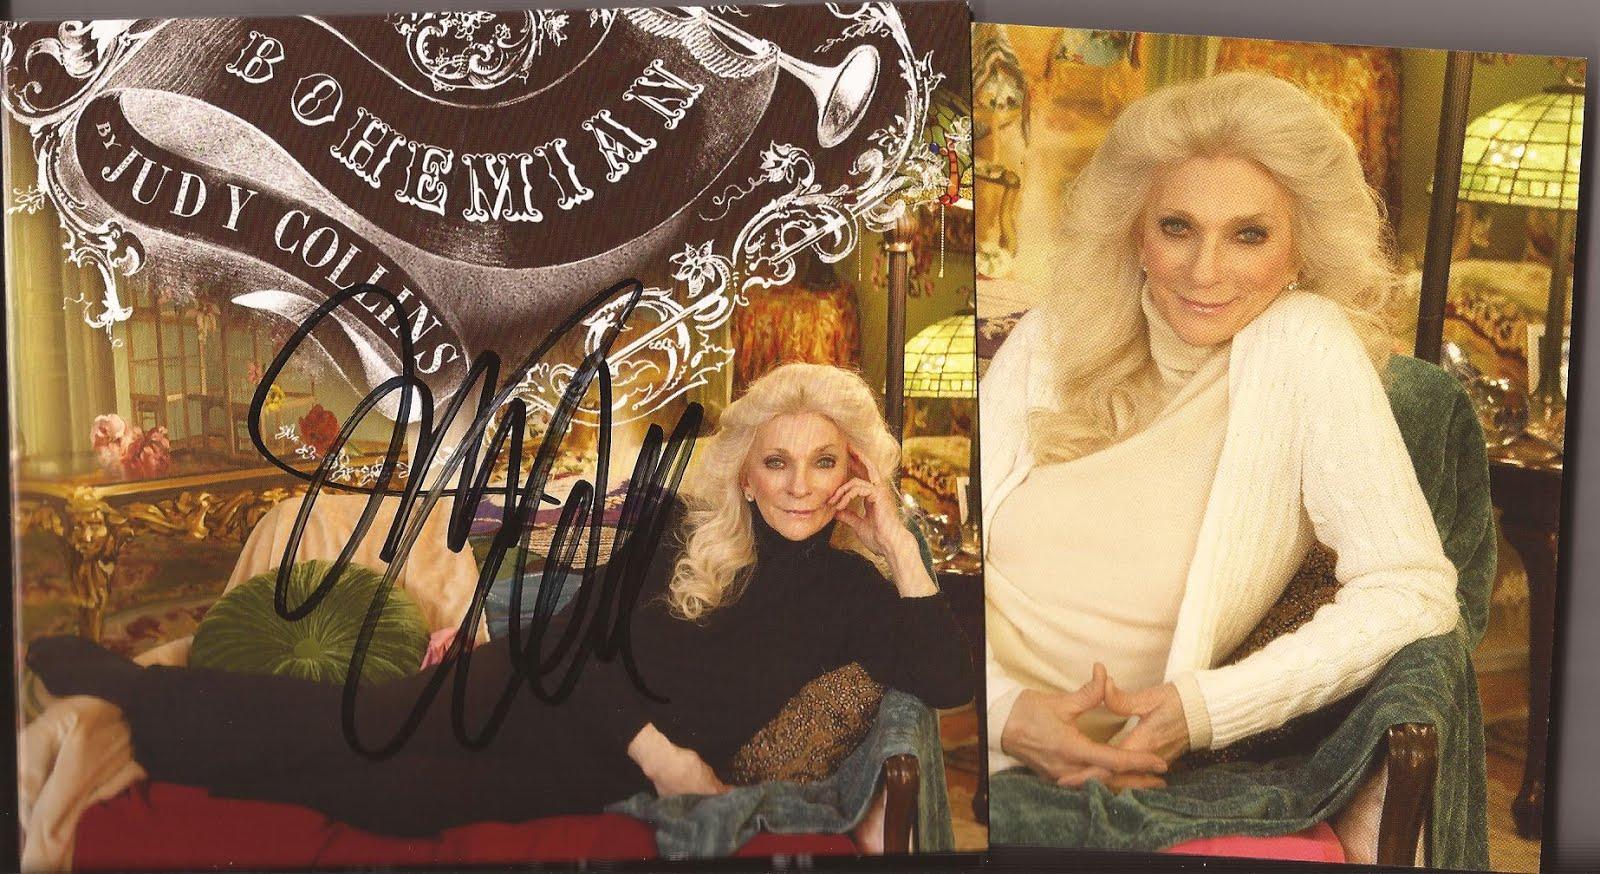 http://4.bp.blogspot.com/-MdlvJUZ1P2k/UJgVTOchTdI/AAAAAAAAAww/j6Zba7W4tEw/s1600/Judy%2BCollins.jpg